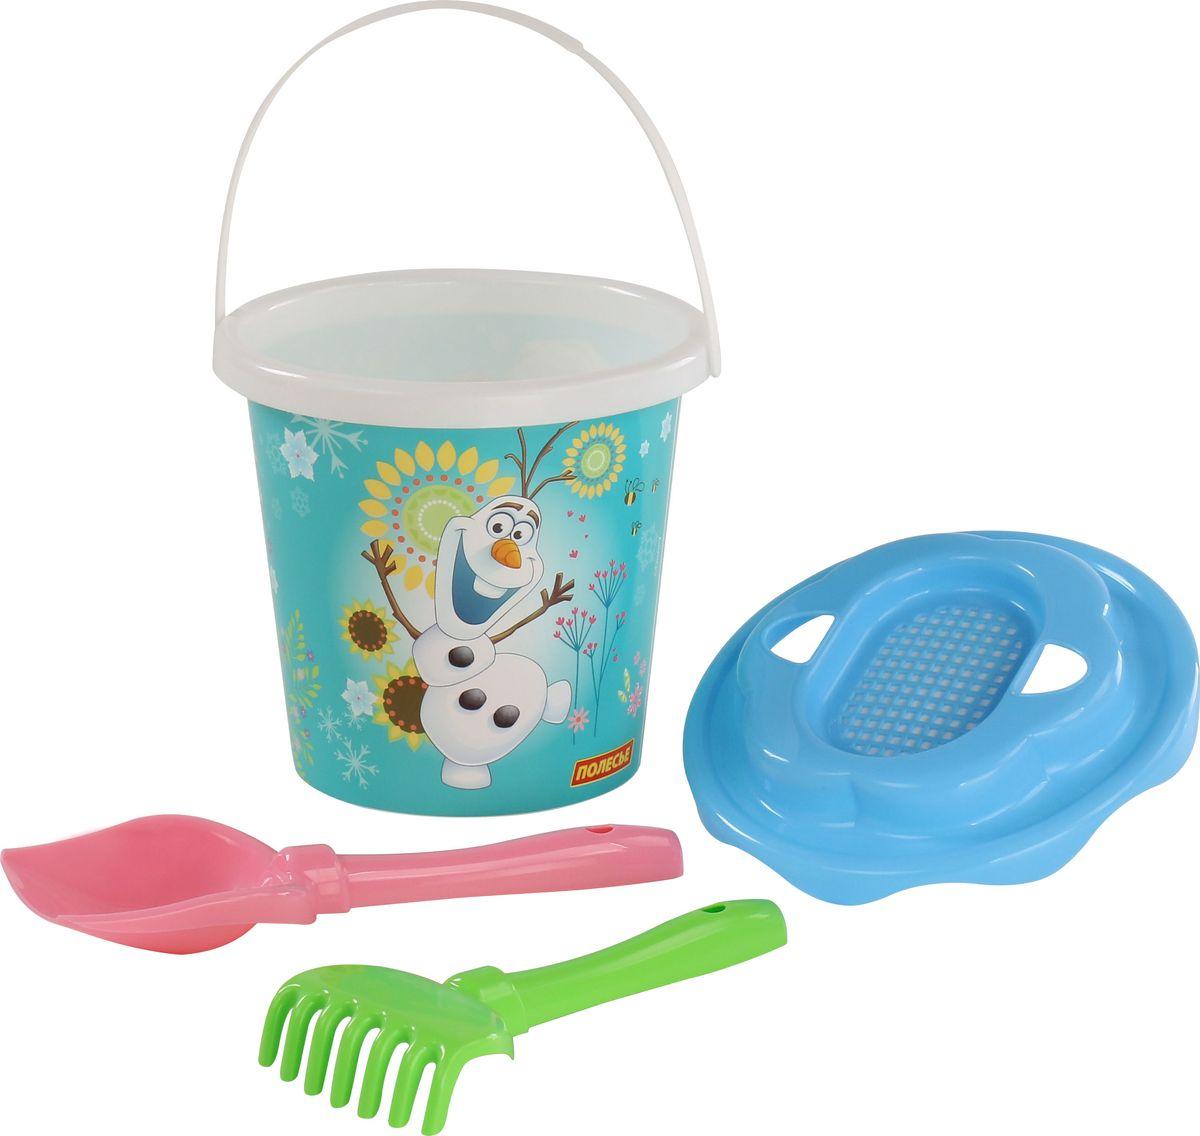 Disney Набор игрушек для песочницы Холодное сердце №11, 4 предмета, цвет в ассортименте disney набор для создания калейдоскопа холодное сердце